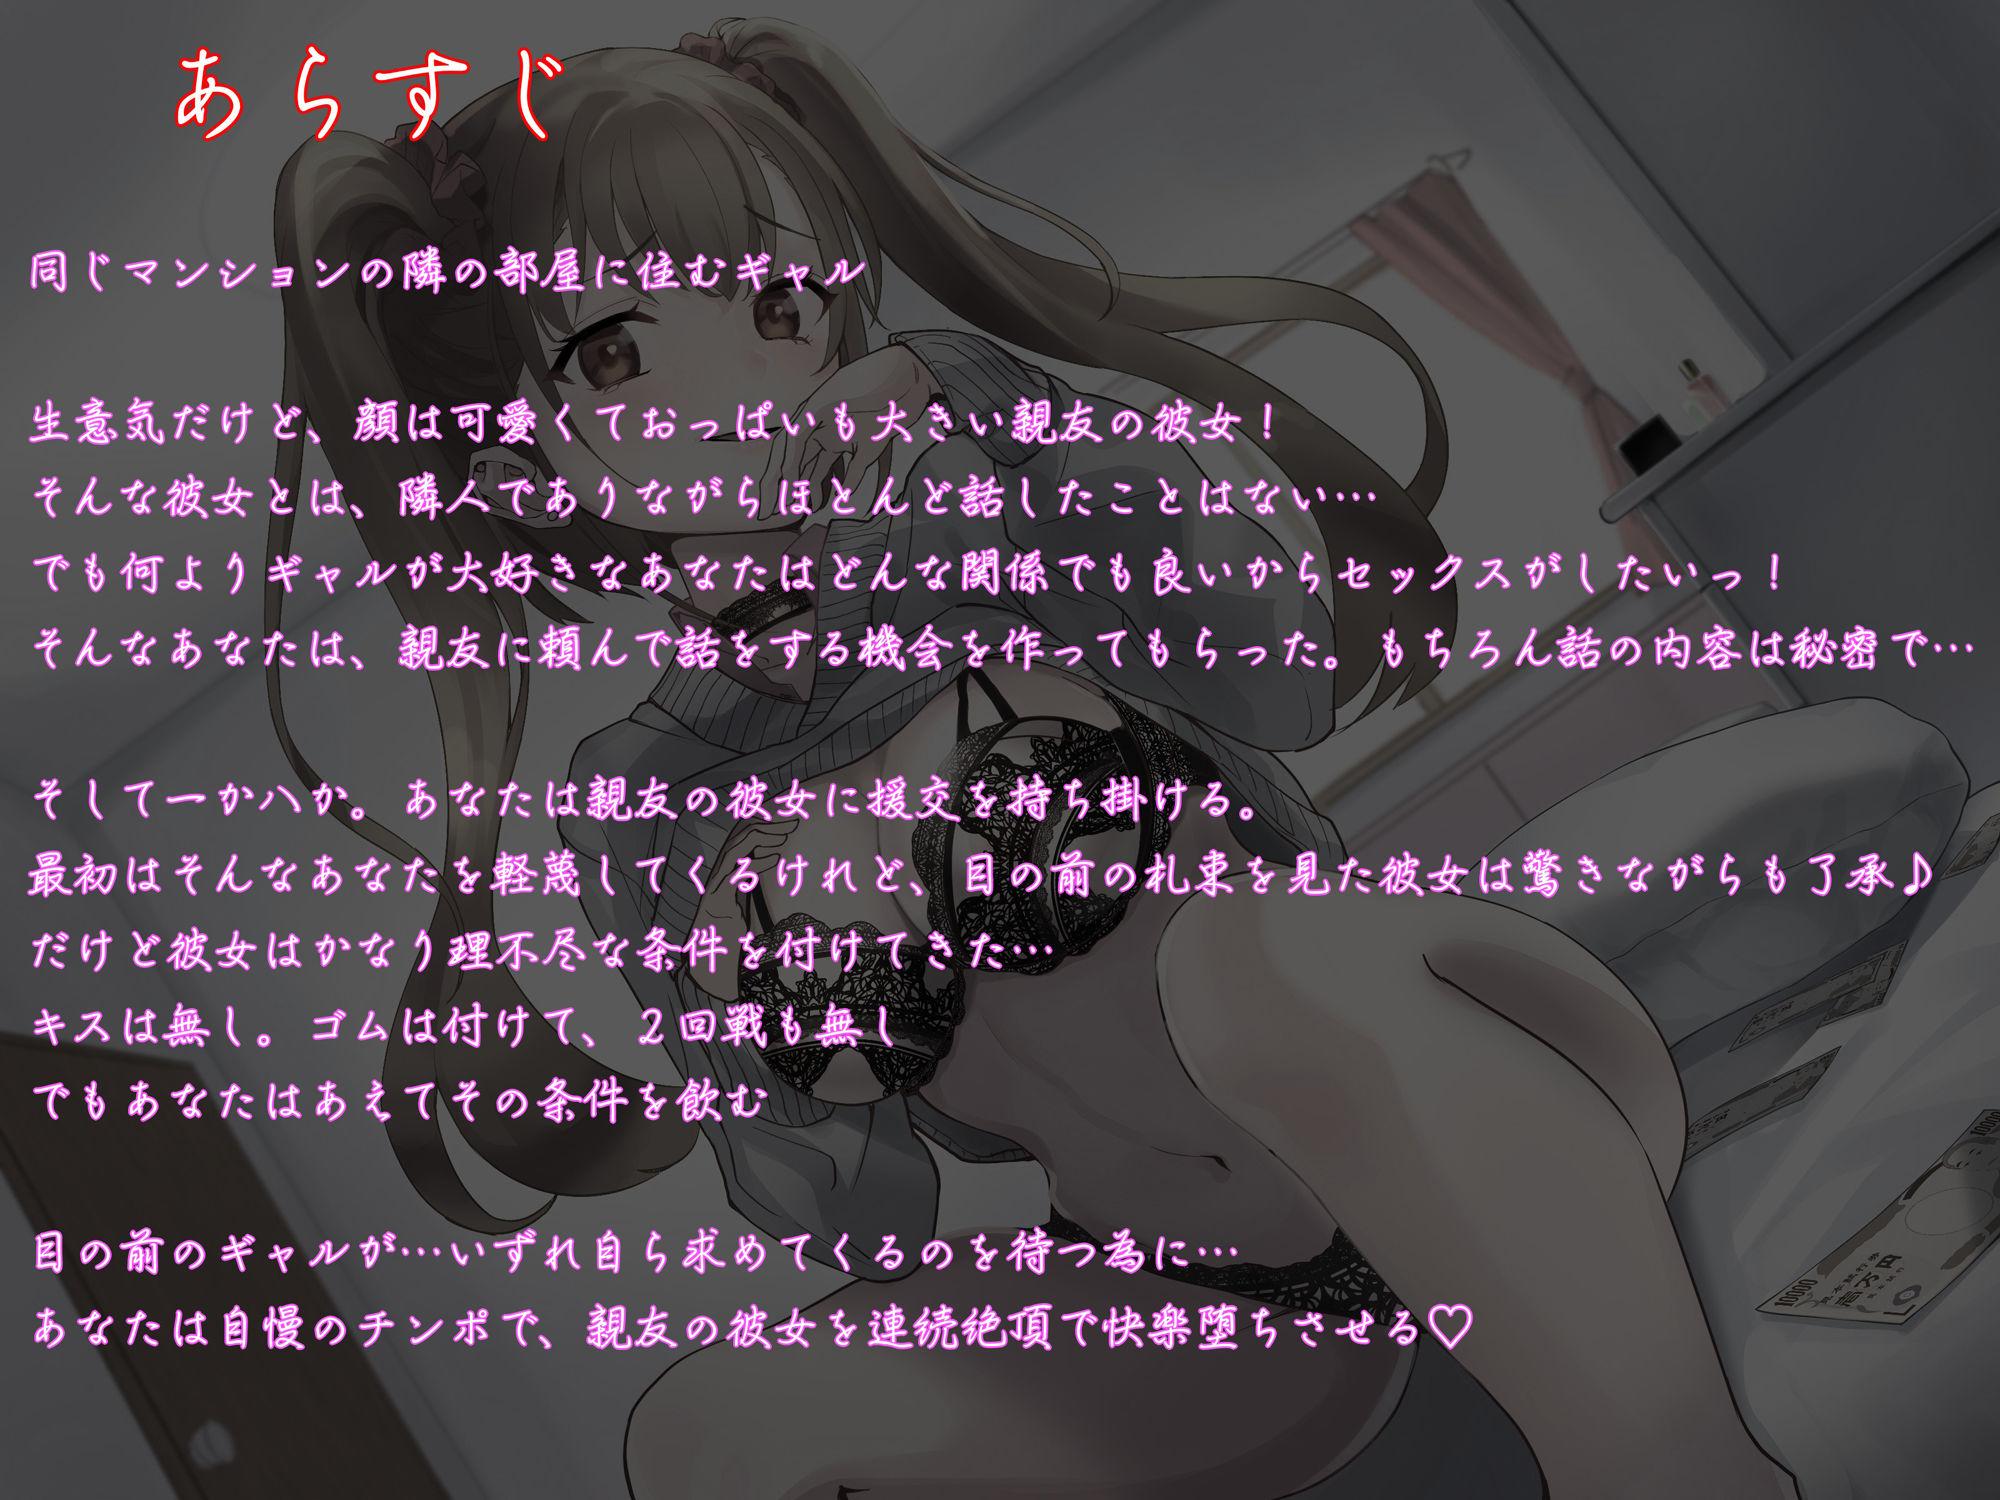 生意気ギャルと援交~なんども絶頂させて快楽堕ちさせてみた~【寝取り系バイノ...のサンプル画像3